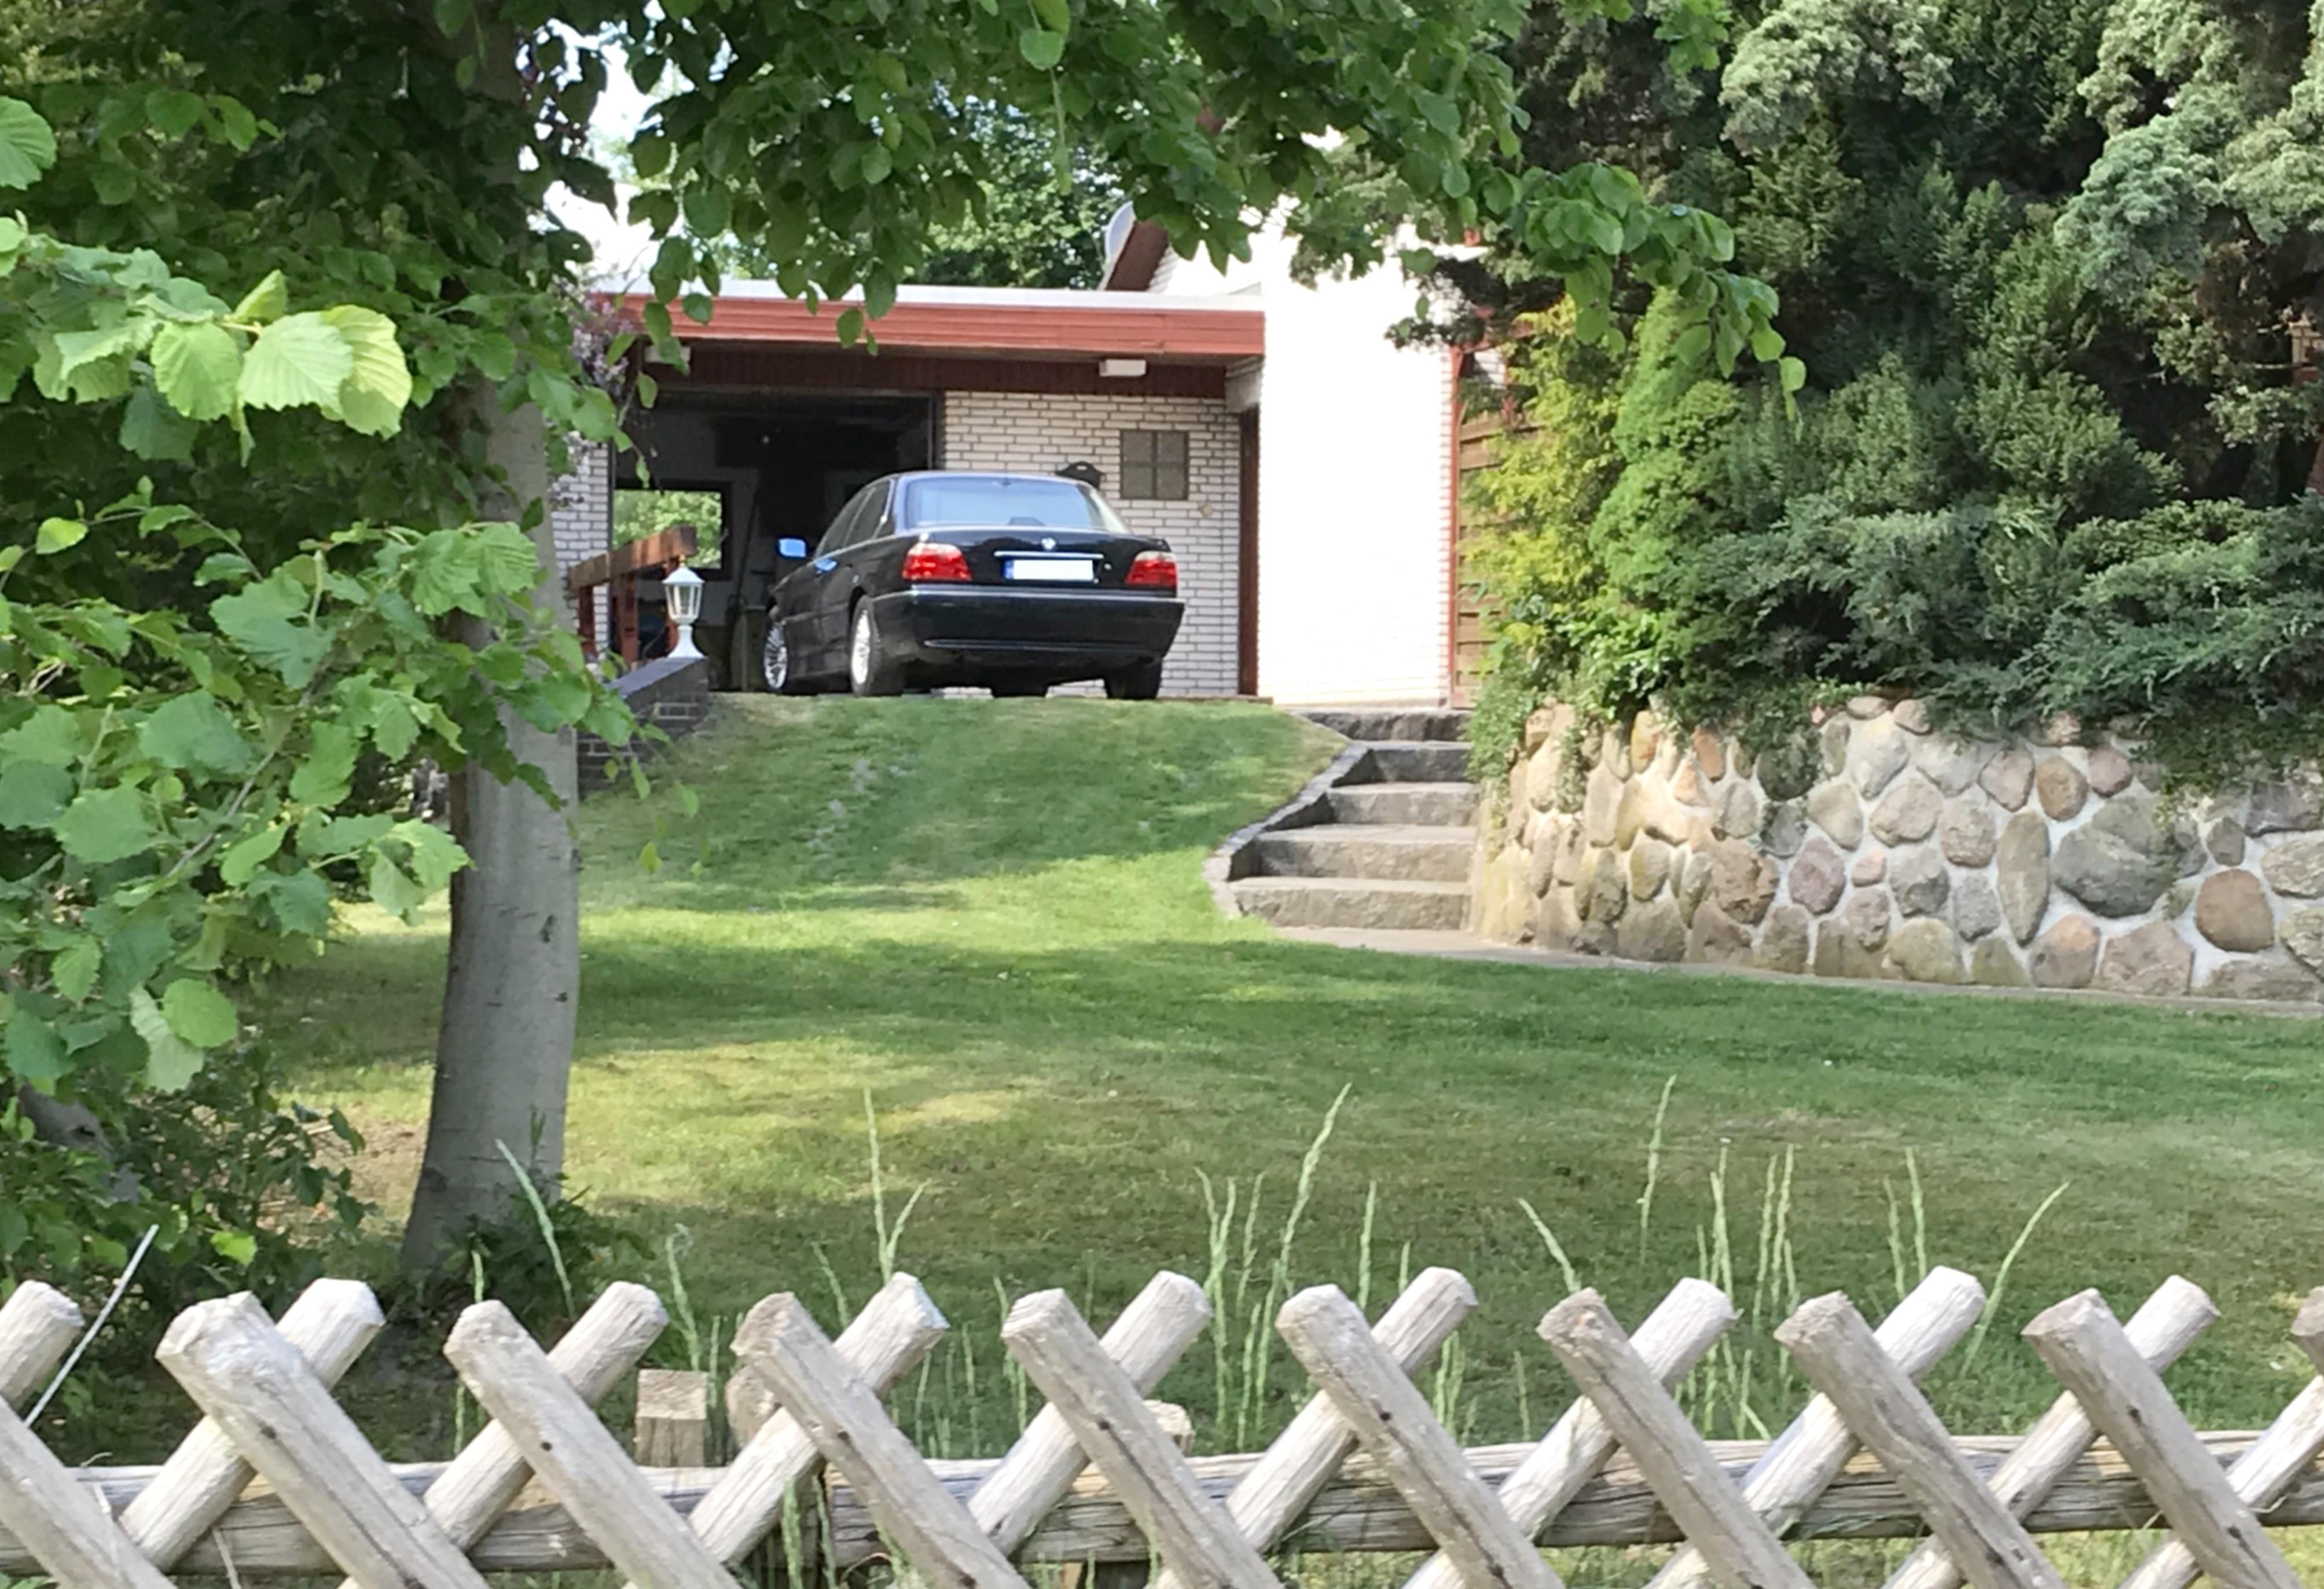 viel platz in gr ner lage 5 zi efh mit garage in himbergen zu kaufen nicola schaper immobilien. Black Bedroom Furniture Sets. Home Design Ideas